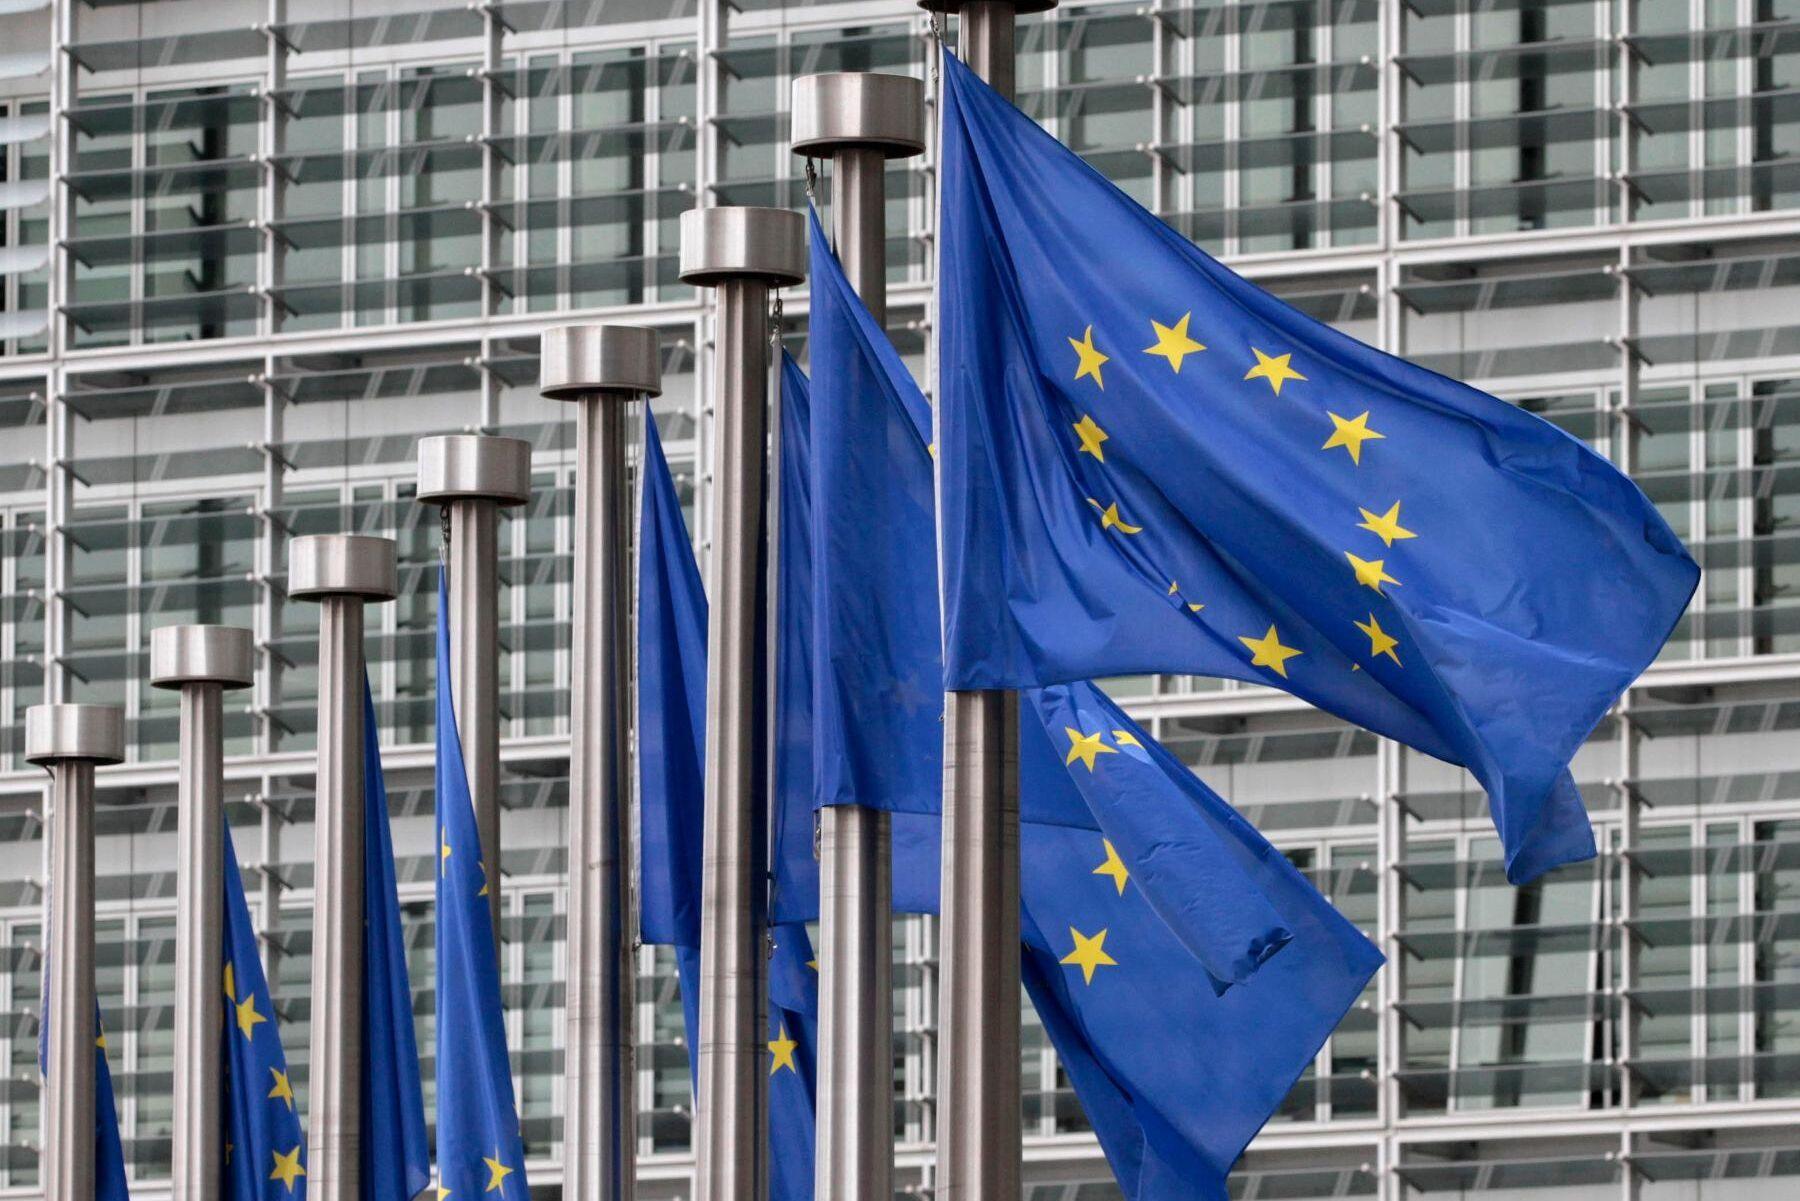 EU-kommissionens förslag påverkar starkt spelreglerna för hela den svenska skogsnäringen och investeringarna i den, skriver debattörerna.